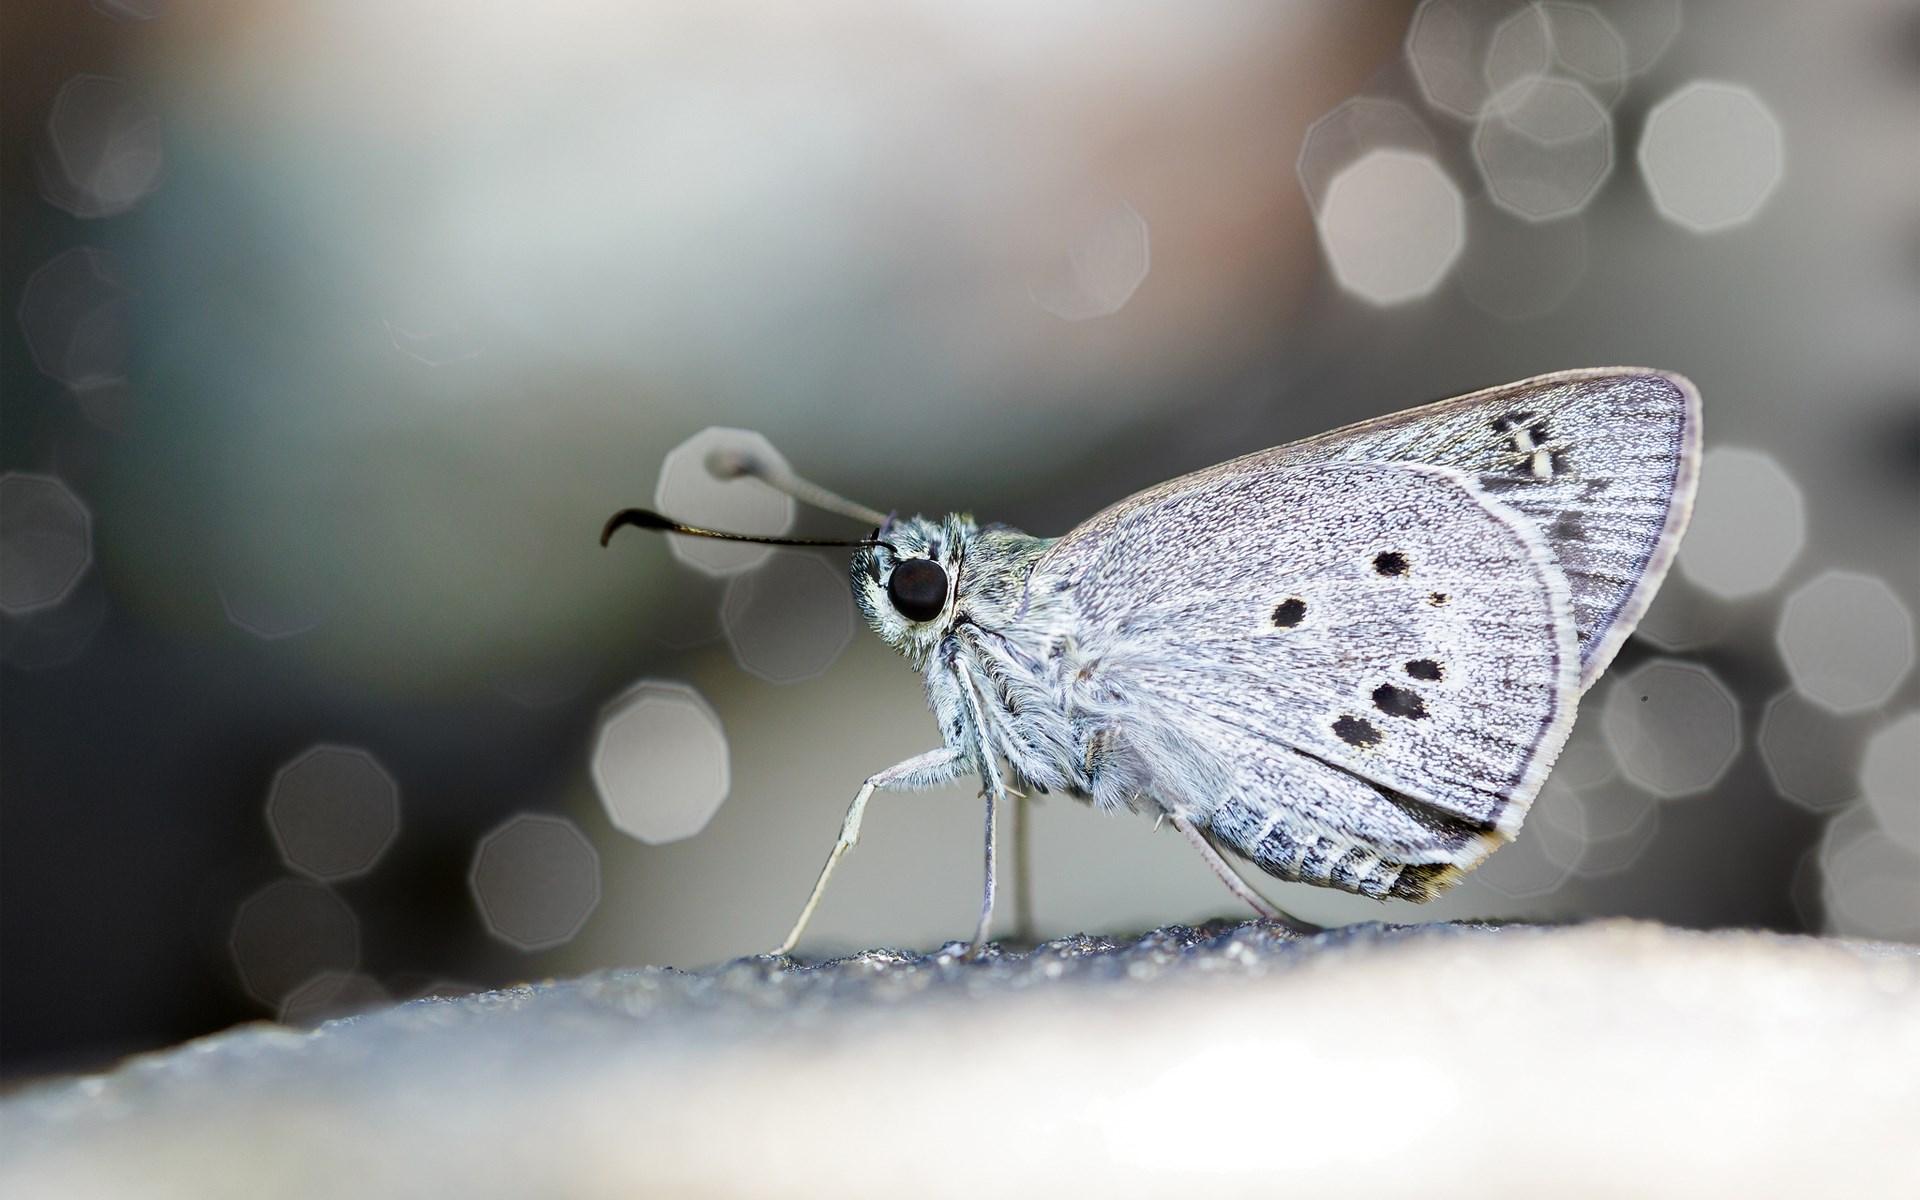 Butterfly Wings Full Hd 1080p Hd Desktop Wallpapers 4k Hd